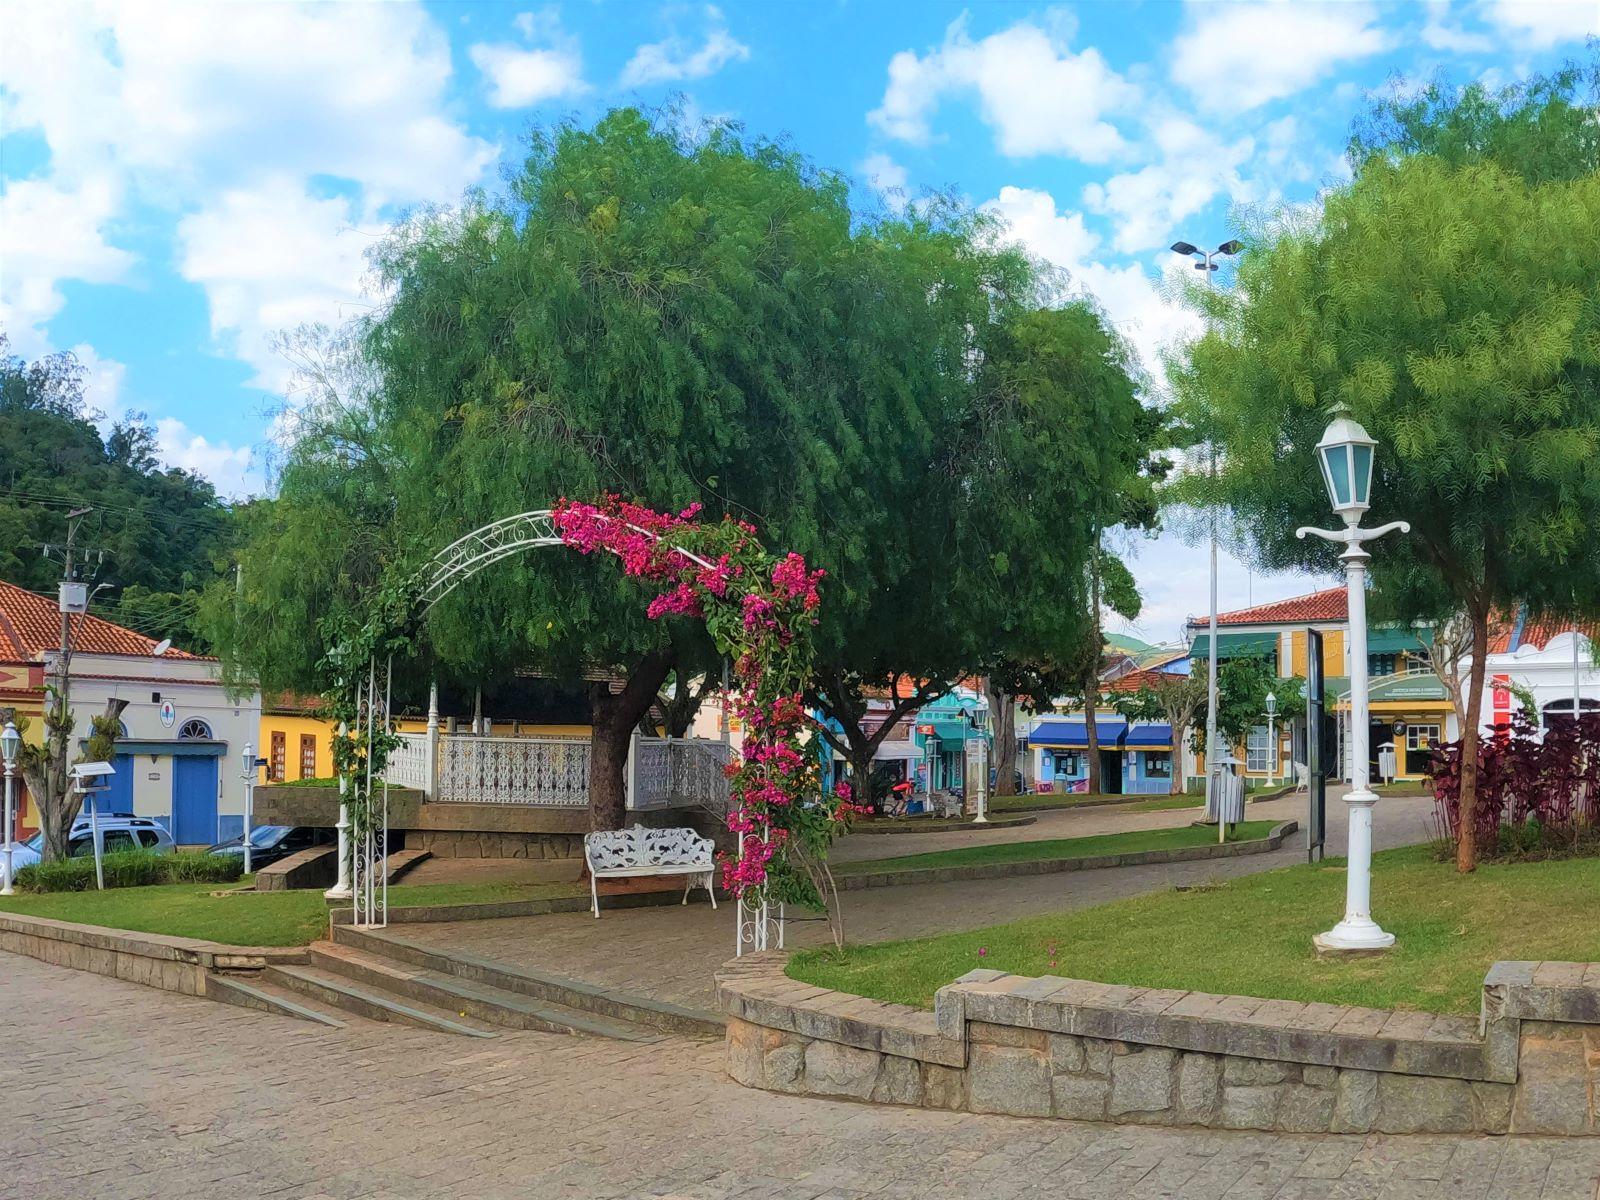 praça de cidade pequena